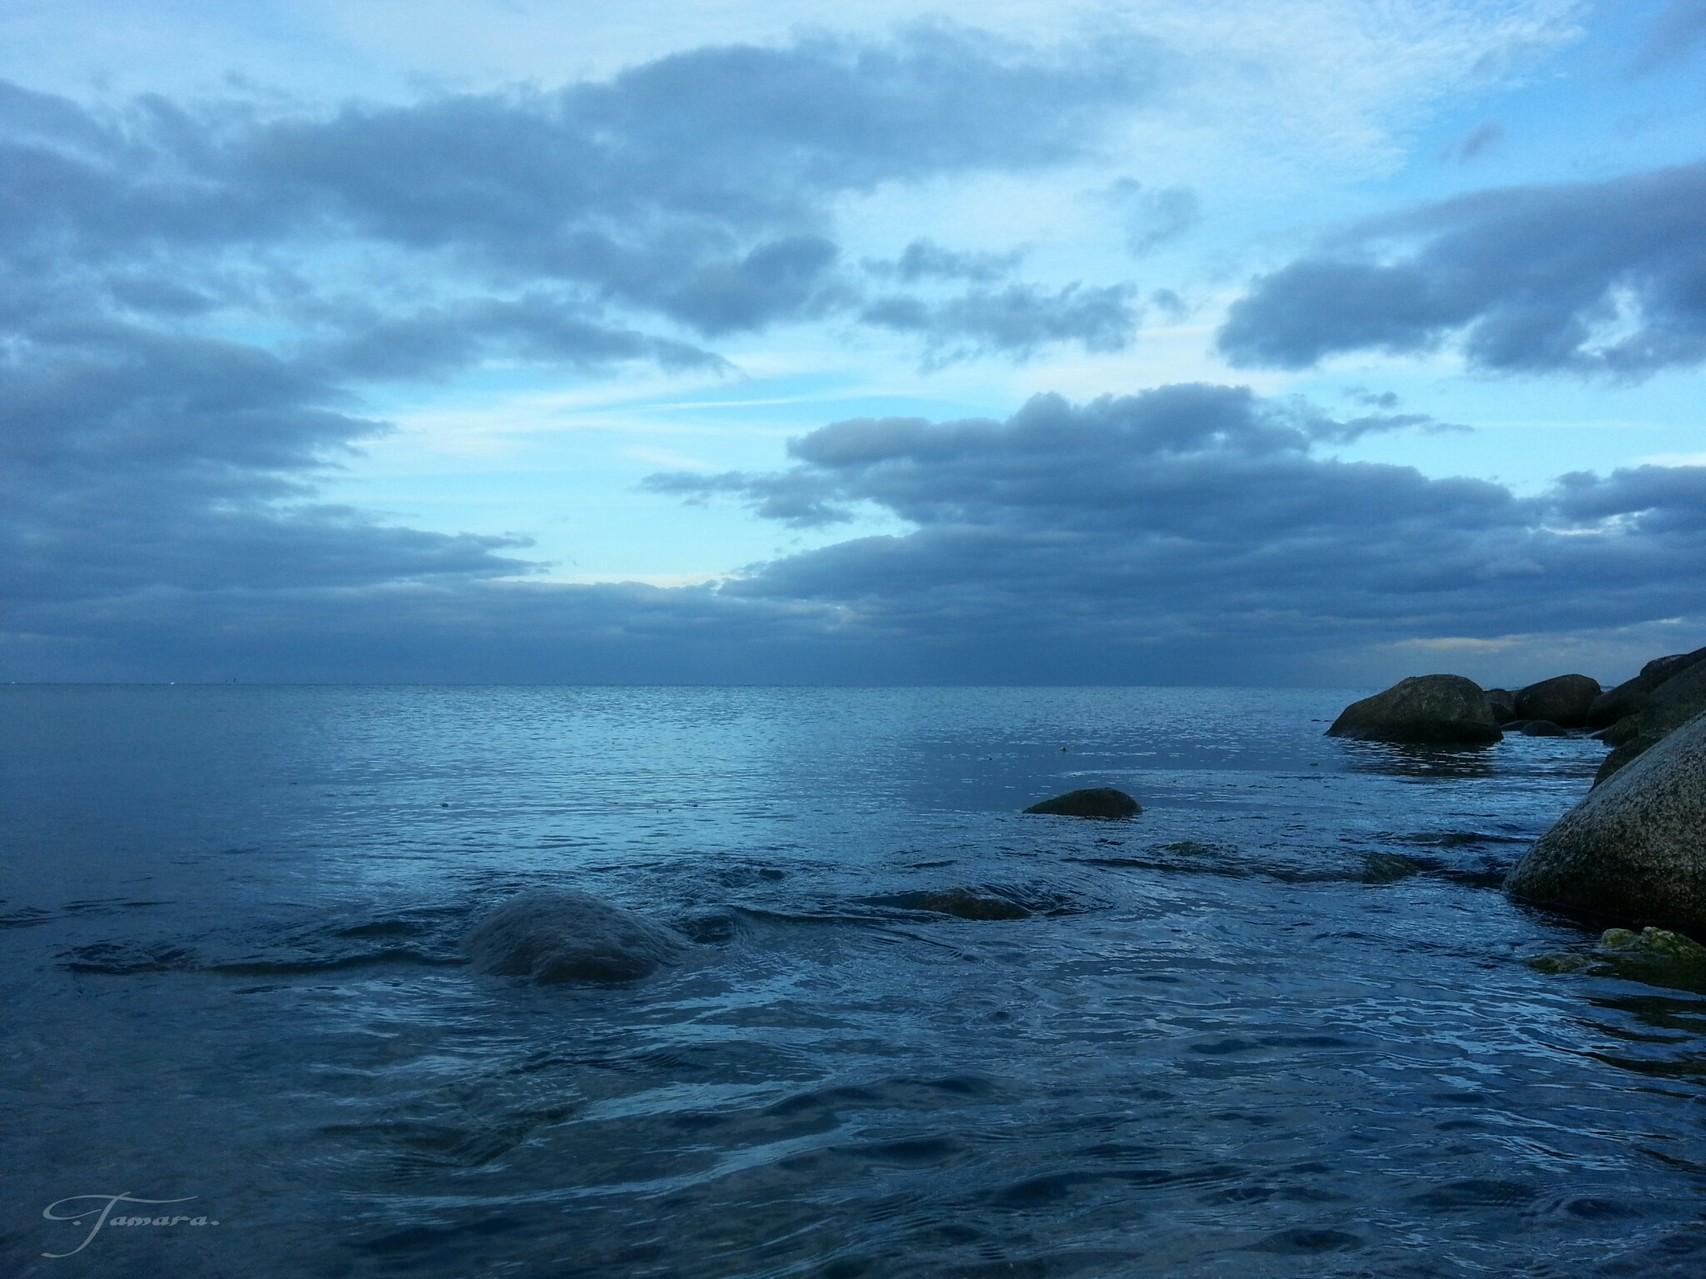 blaue Nacht am Meer, der Mond lauscht meinen Träumen, bis der Morgen kommt